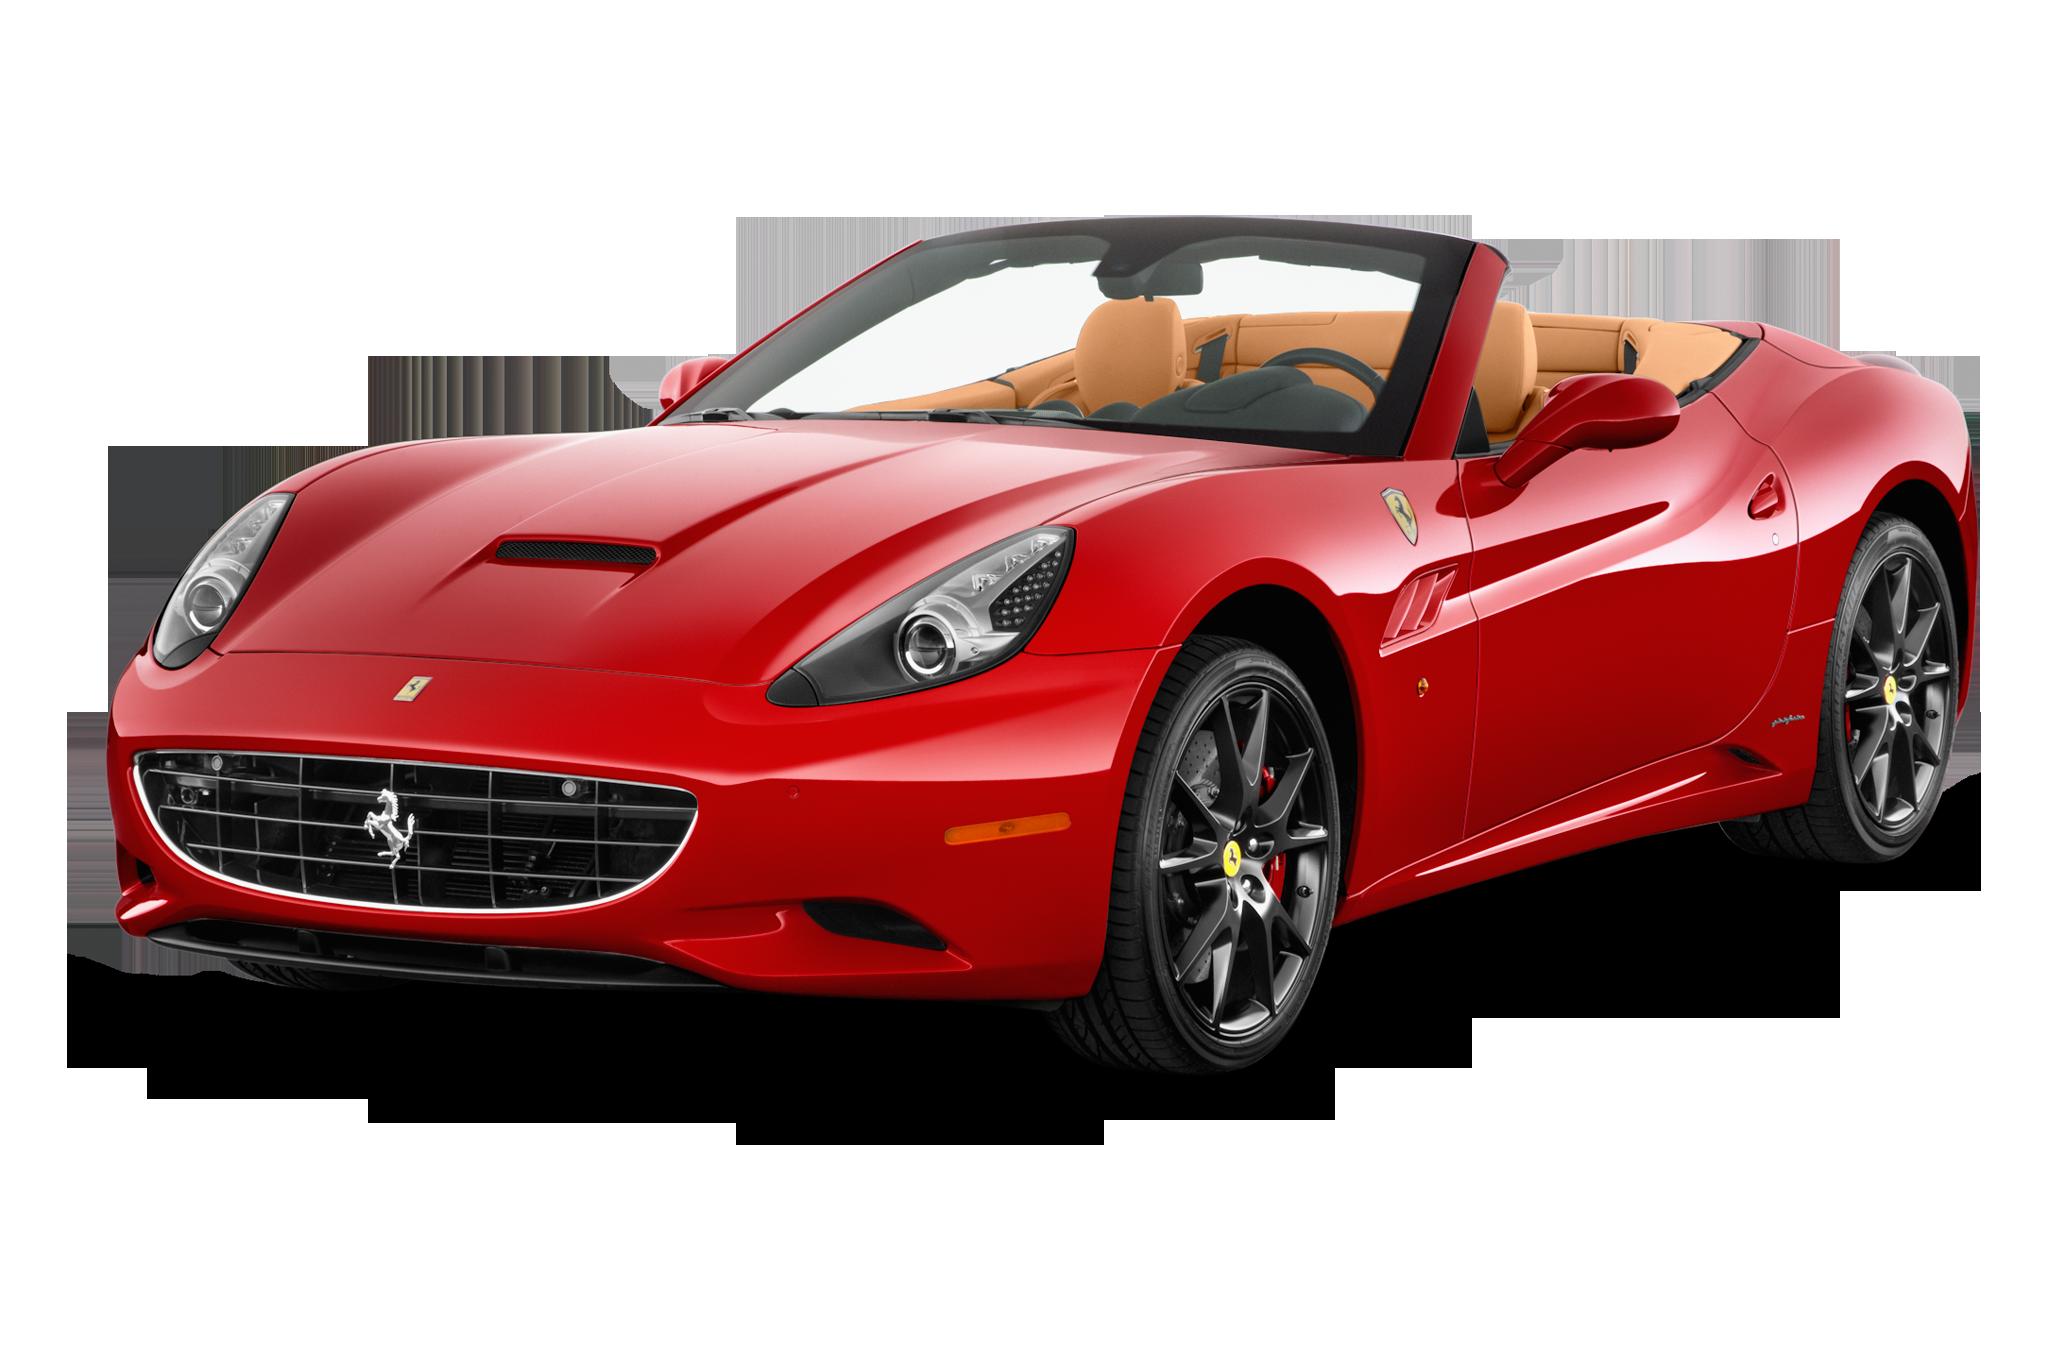 Tuning Datei Für Ferrari California 4 3i 460hp Puretuning